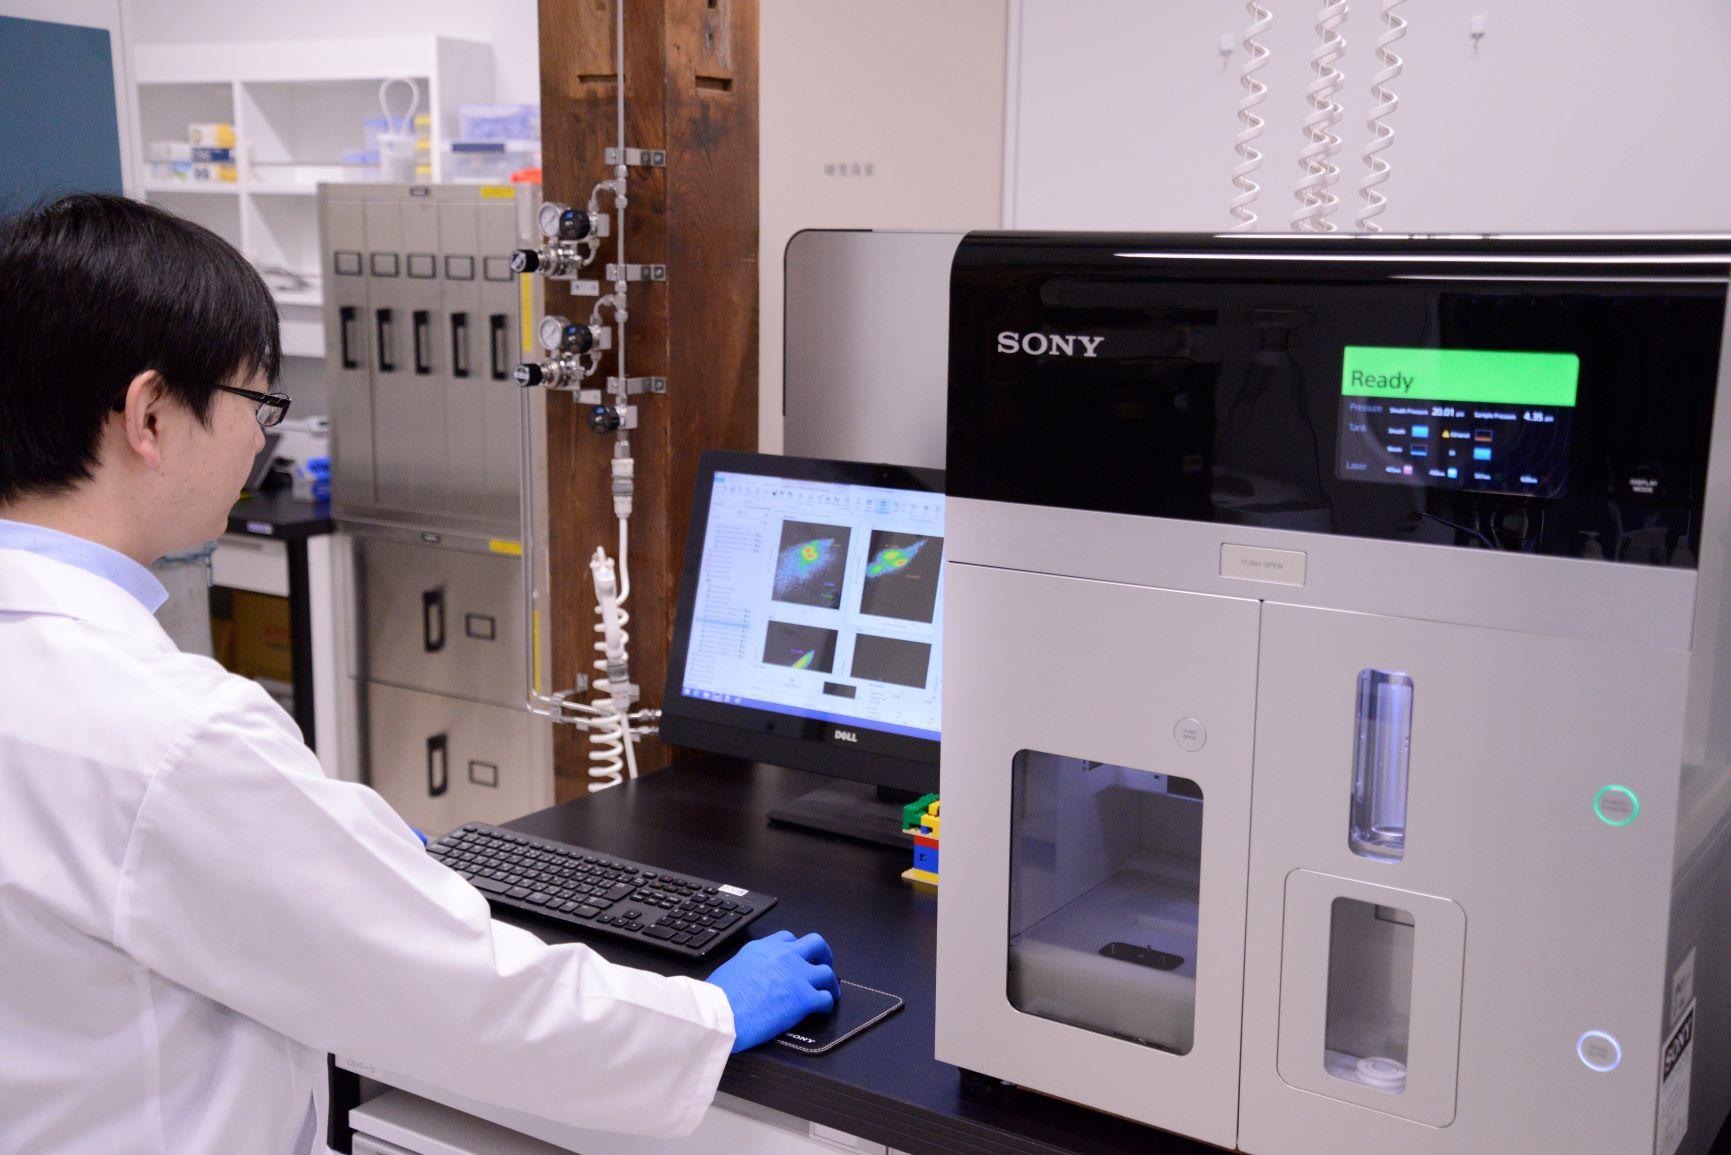 ■今まで諦めていた「普通の土」でも年代測定が可能に■立命館大学古気候学研究センターが化石花粉の放射性炭素年代を測定するサービス事業「POLARIS」を開始